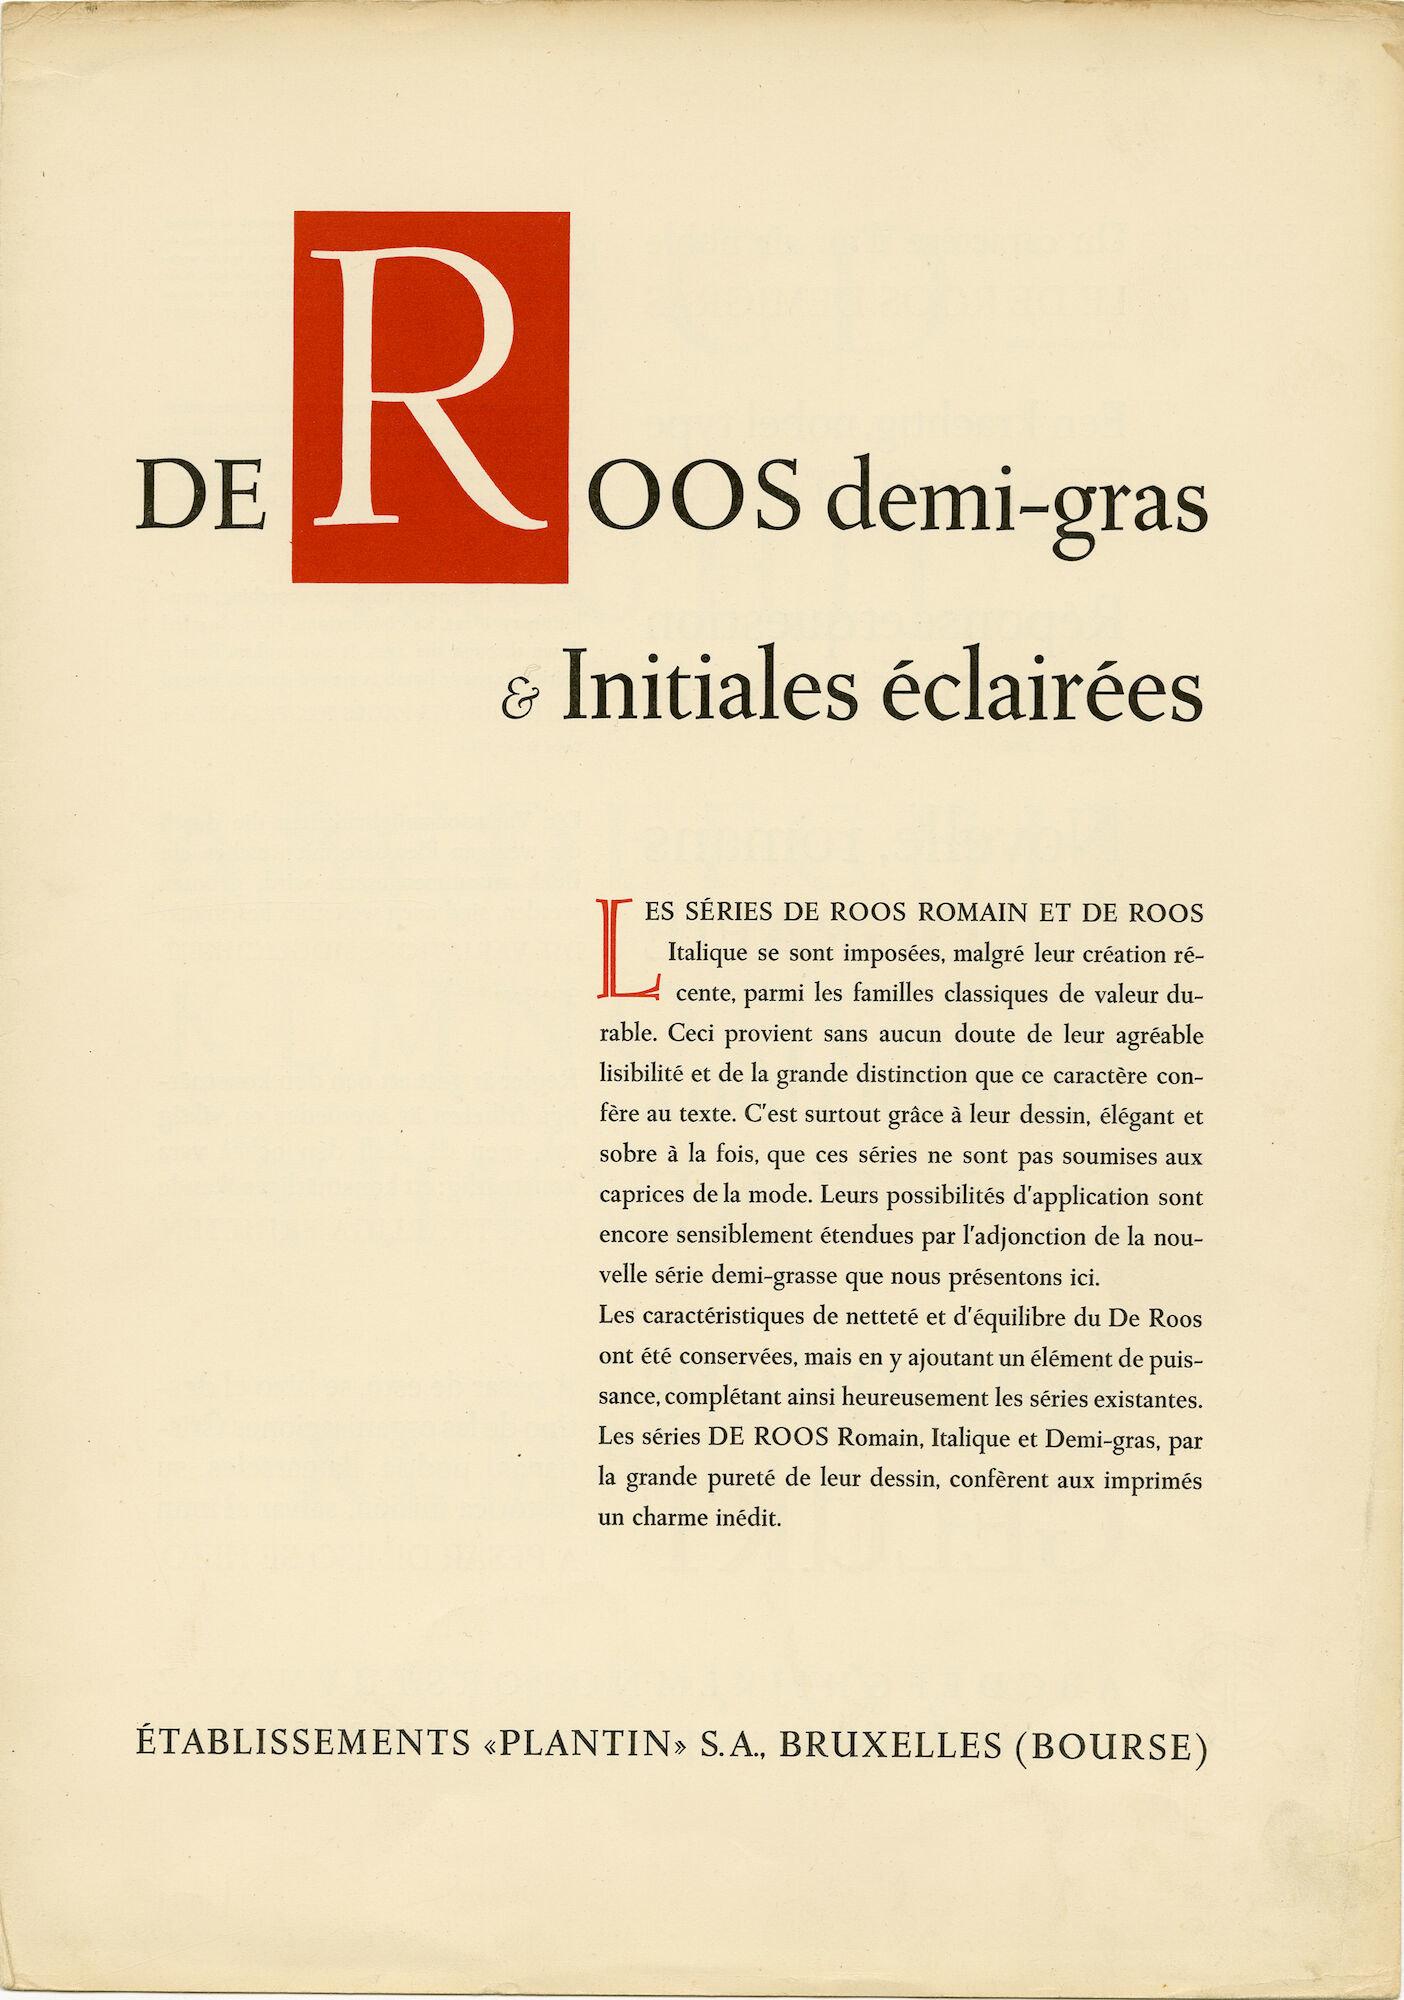 Letterproef met het letttertype De Roos van Plantin